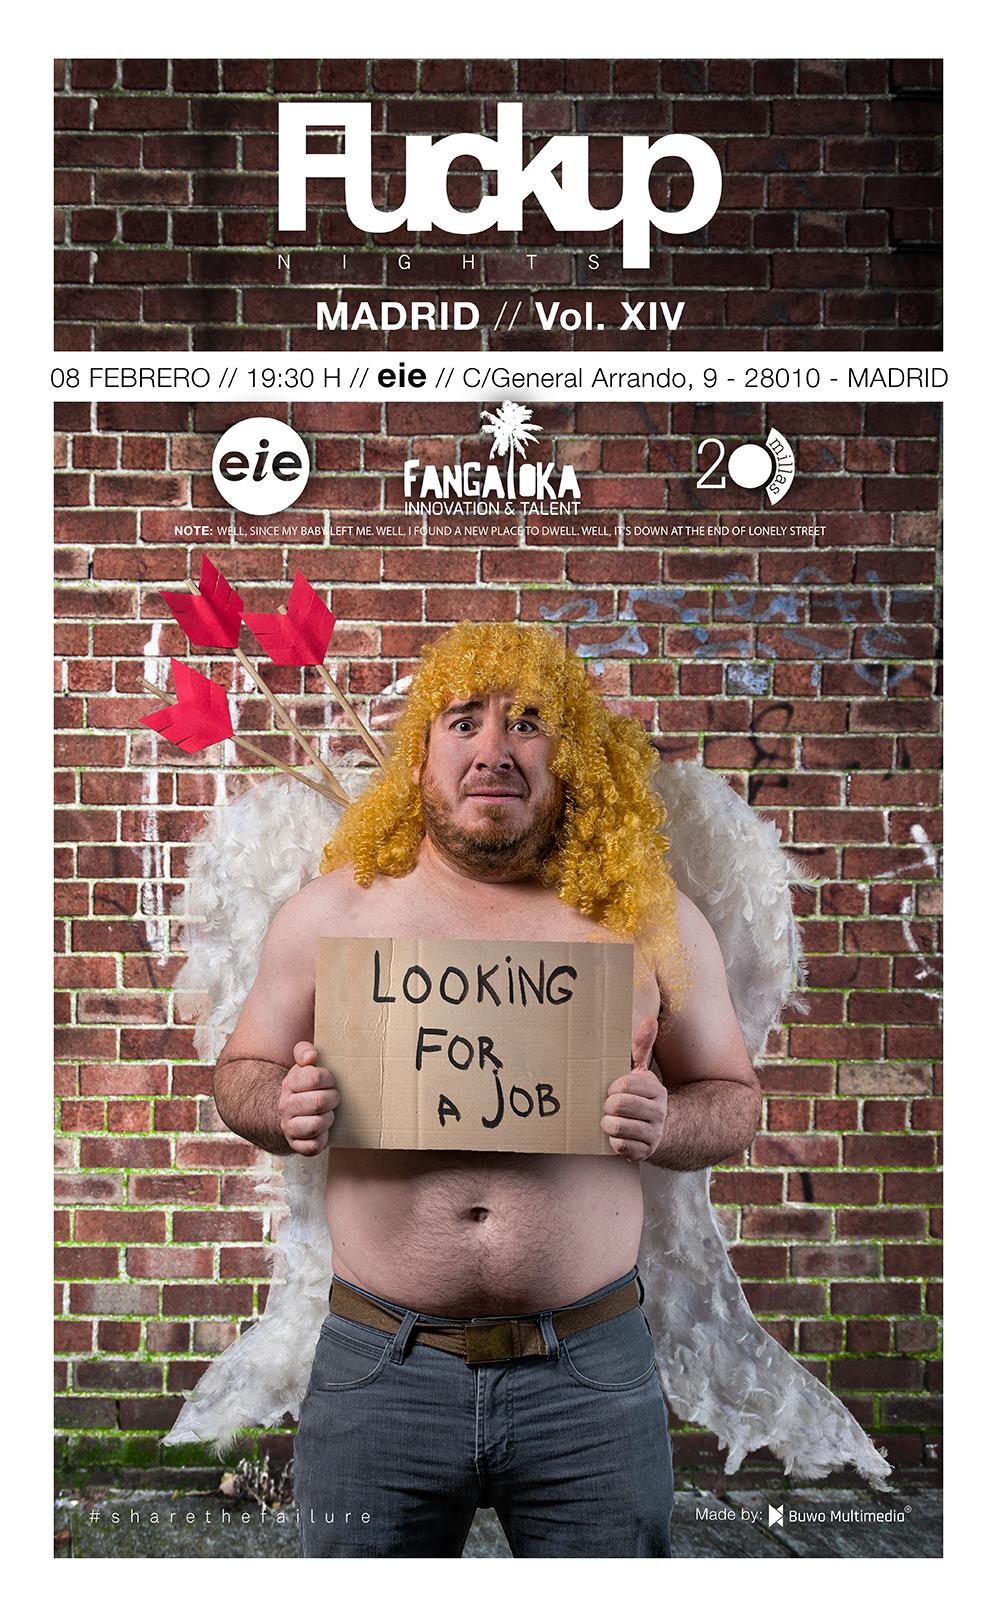 Fuckup Nights Madrid volumen XIX - Cupido Edición.